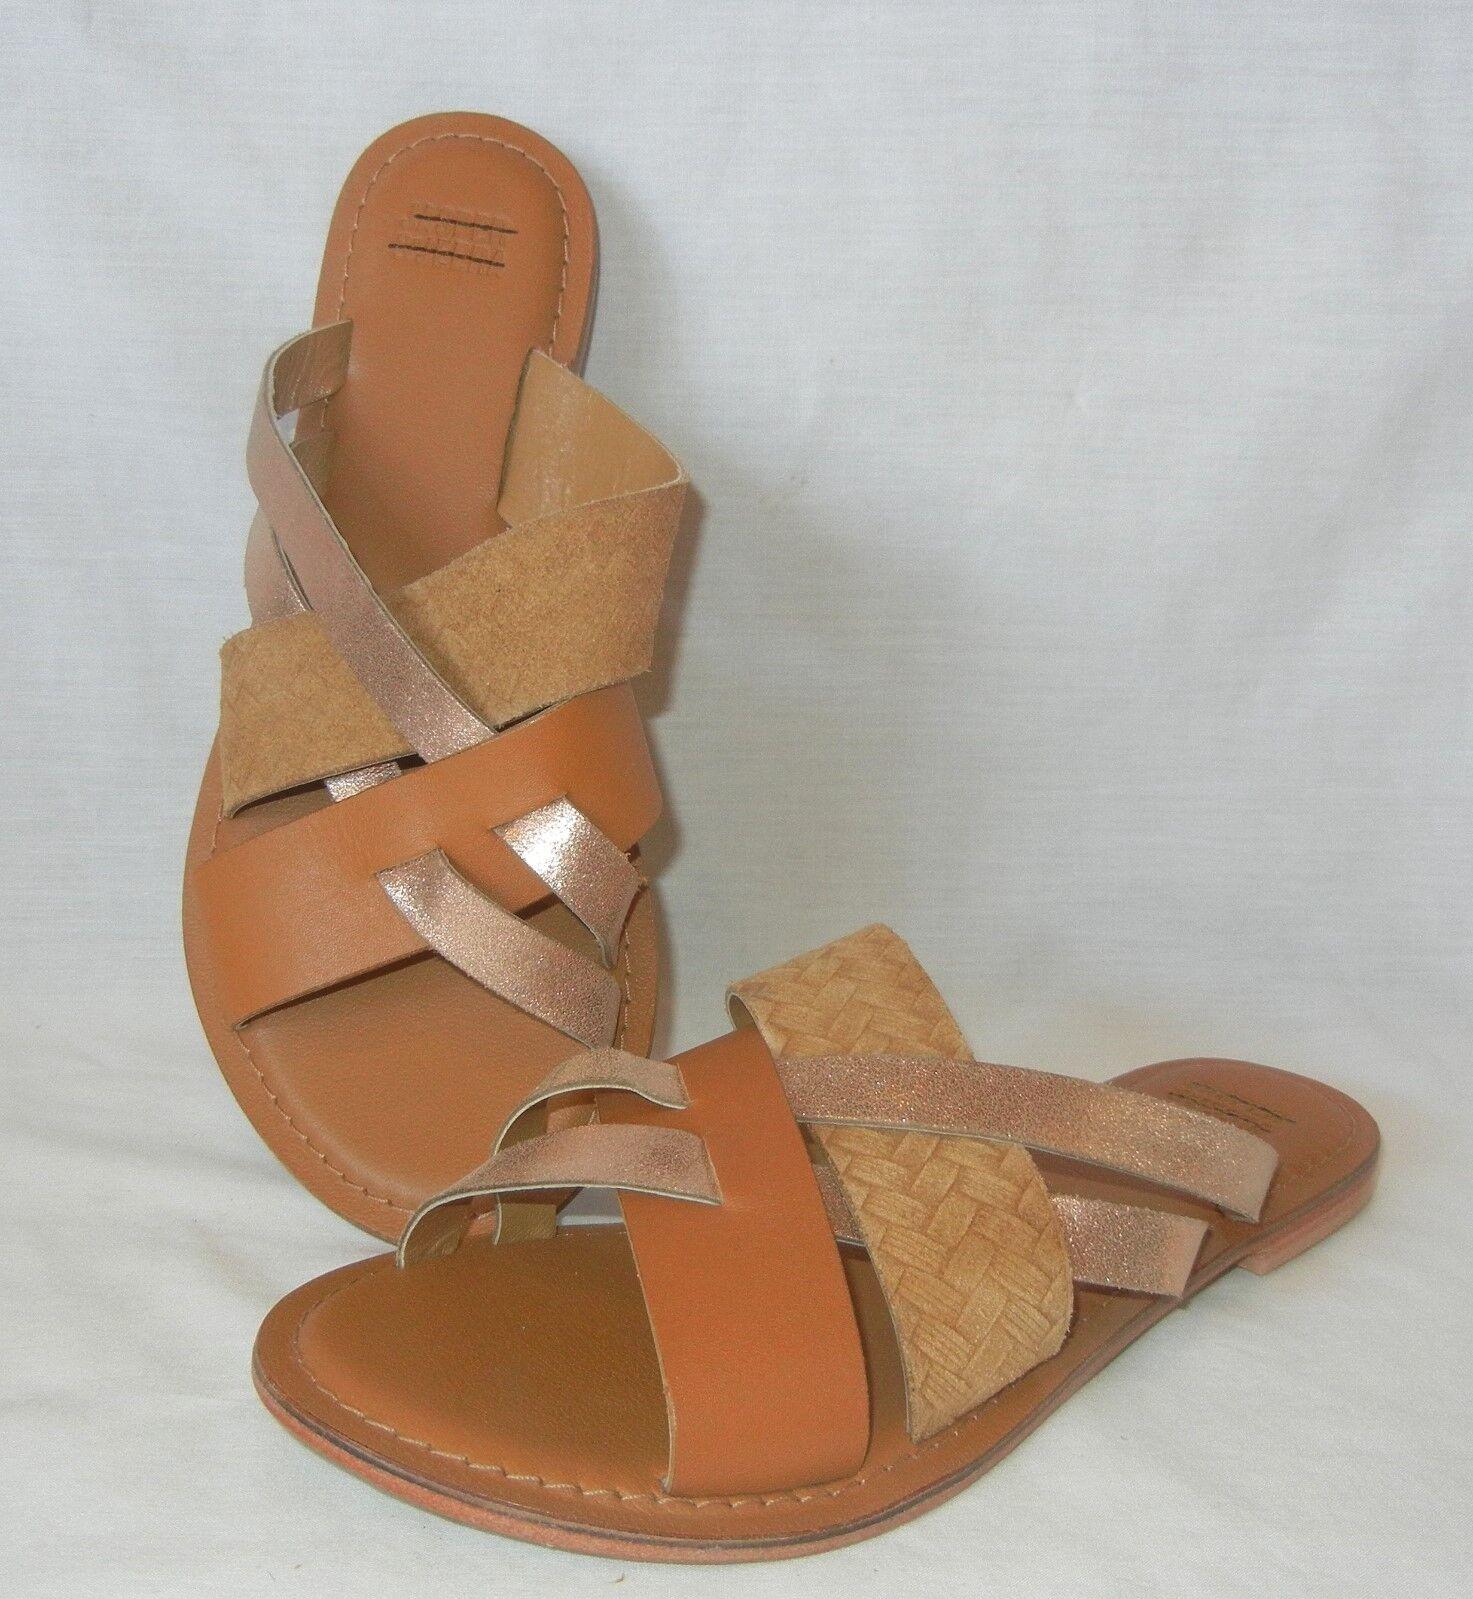 Jasper Jasper Jasper & Jeera donna's Leather Sandal Slides Retail  78 Dimensione 5 541e19